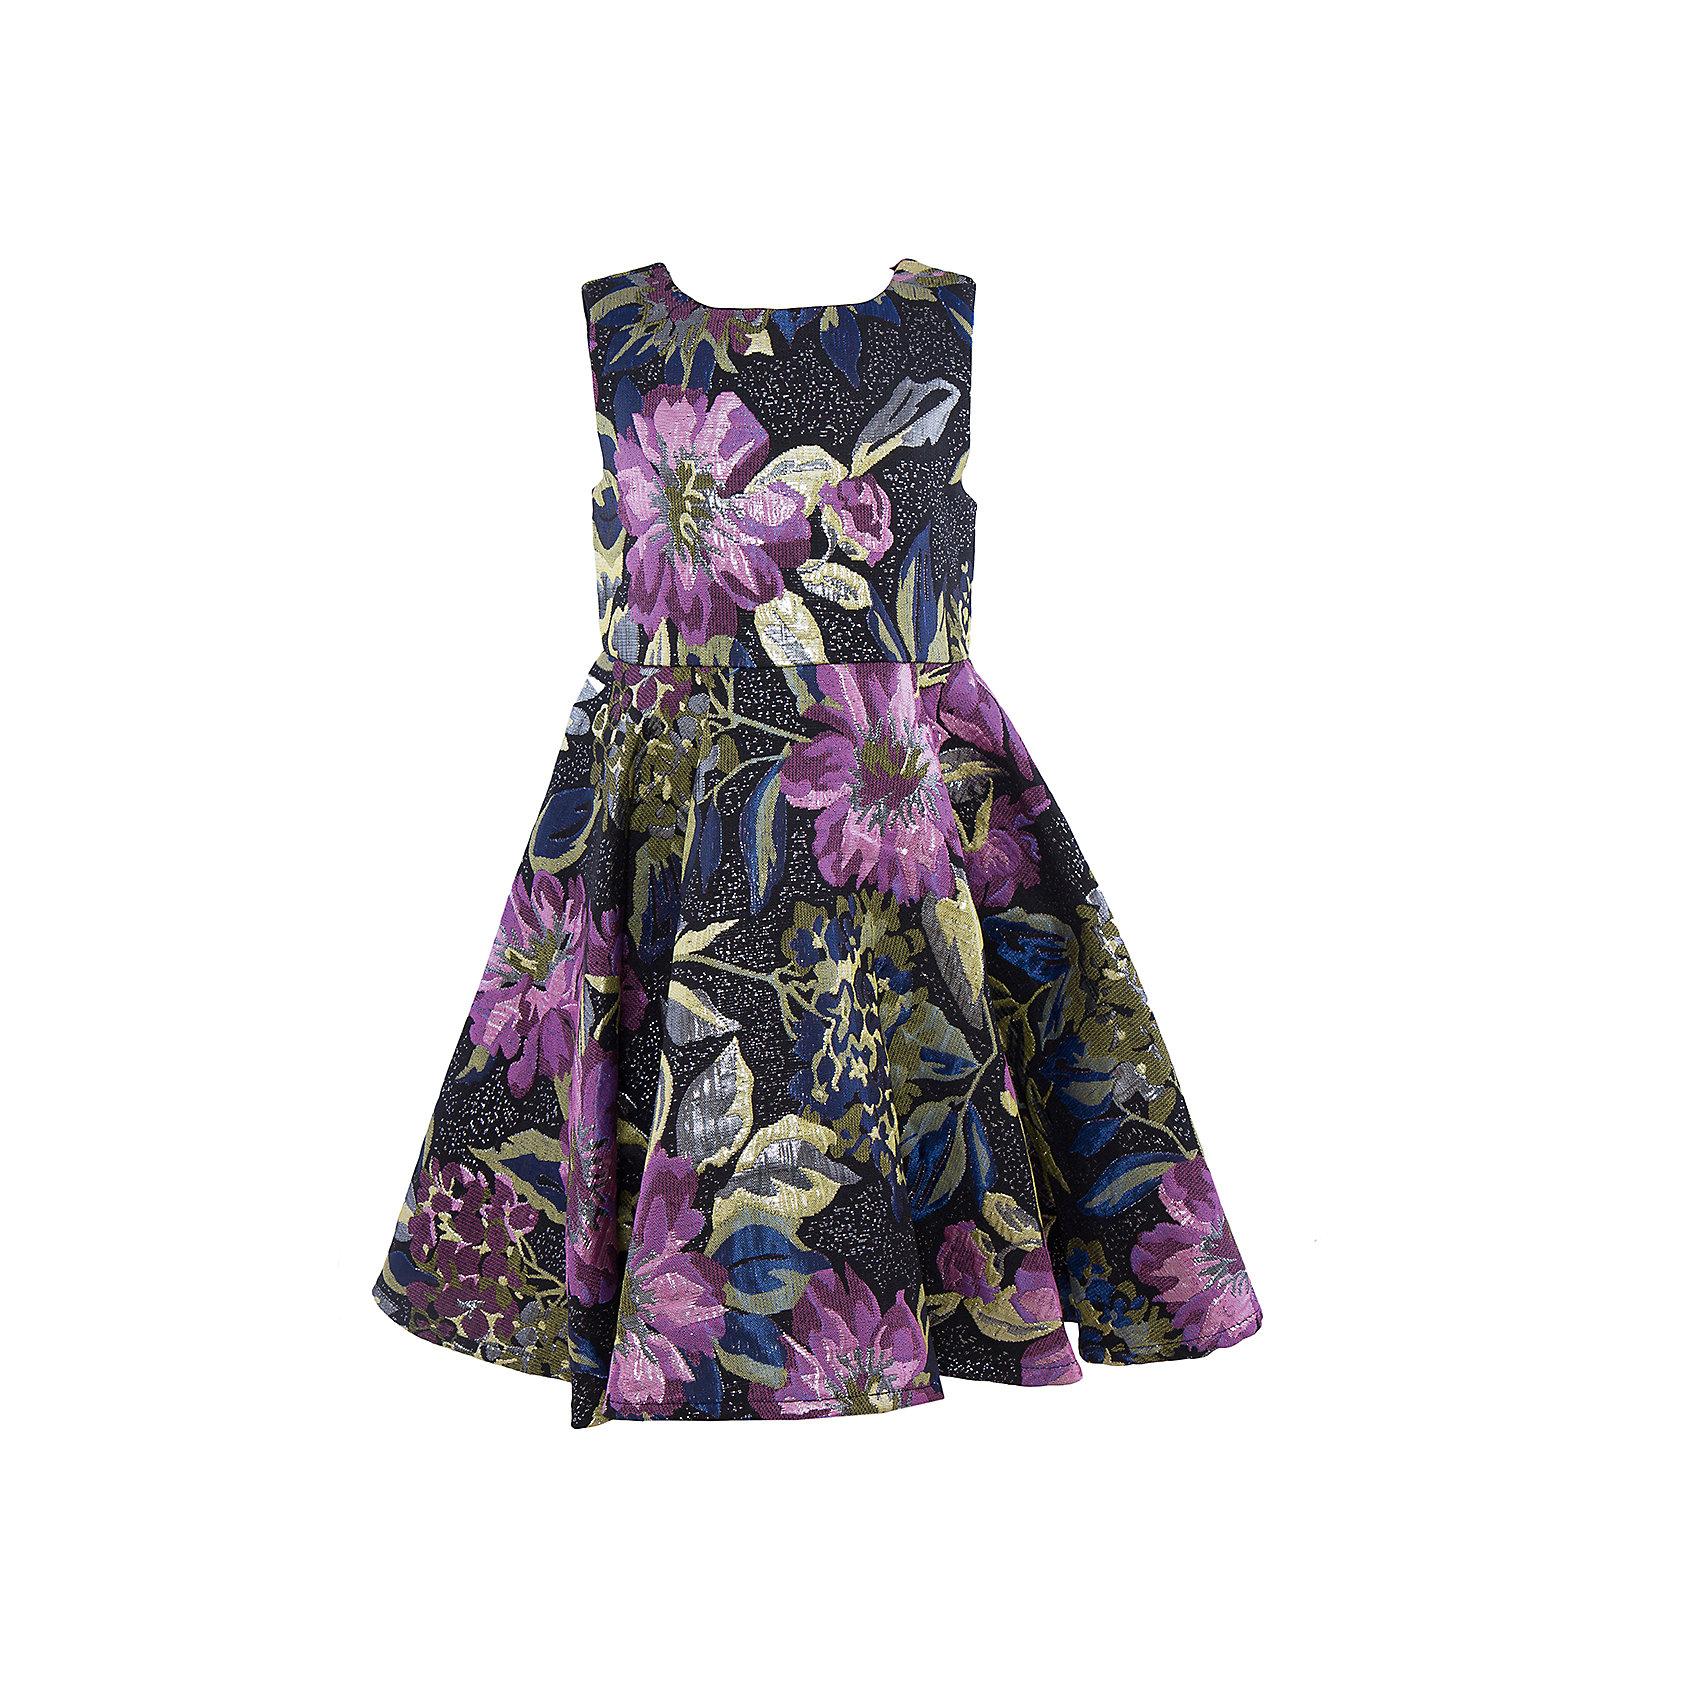 Нарядное платье для девочки Sweet BerryОдежда<br>Характеристики:<br><br>• Вид одежды: платье<br>• Предназначение: для праздника, торжеств<br>• Сезон: круглый год<br>• Материал: верх – 100% полиэстер; подкладка – 100% хлопок<br>• Цвет: лиловый, черный, синий, зеленый<br>• Силуэт: классический, с завышенной талией<br>• Длина: миди<br>• Вырез горловины: круглый<br>• Застежка: молния на спинке<br>• Особенности ухода: ручная стирка без применения отбеливающих средств, глажение при низкой температуре <br><br>Sweet Berry – это производитель, который сочетает в своей одежде функциональность, качество, стиль и следование современным мировым тенденциям в детской текстильной индустрии. <br>Платье для девочки от знаменитого производителя детской одежды Sweet Berry выполнено из полиэстера с хлопковым подкладкой. Изделие имеет классический силуэт с завышенной талией, круглую горловину, пышную юбку-солнце и застежку-молнию на спинке. Изделие выполнено из ткани, имеющей жаккардовый узор с цветочным рисунком. Платье сочетается с жакетом, выполненным из такого же материала. Праздничное платье от Sweet Berry – это залог успеха вашего ребенка на любом торжестве!<br><br>Платье для девочки Sweet Berry можно купить в нашем интернет-магазине.<br><br>Ширина мм: 236<br>Глубина мм: 16<br>Высота мм: 184<br>Вес г: 177<br>Цвет: лиловый<br>Возраст от месяцев: 36<br>Возраст до месяцев: 48<br>Пол: Женский<br>Возраст: Детский<br>Размер: 104,122,128,98,110,116<br>SKU: 5052070